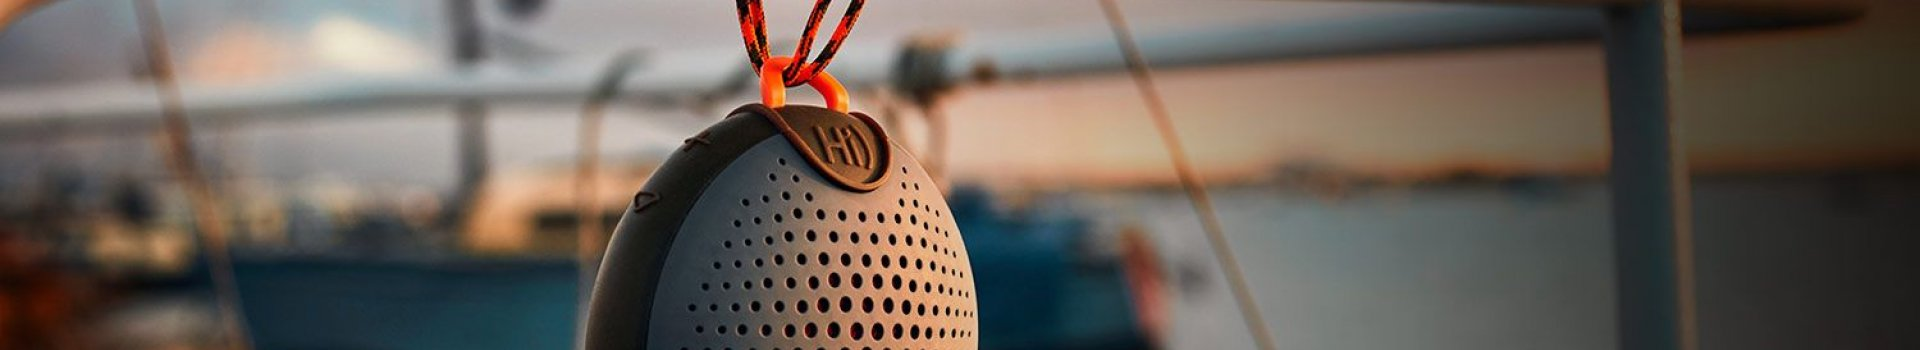 Wodoodporny przenośny głośnik – jaki model wybrać?